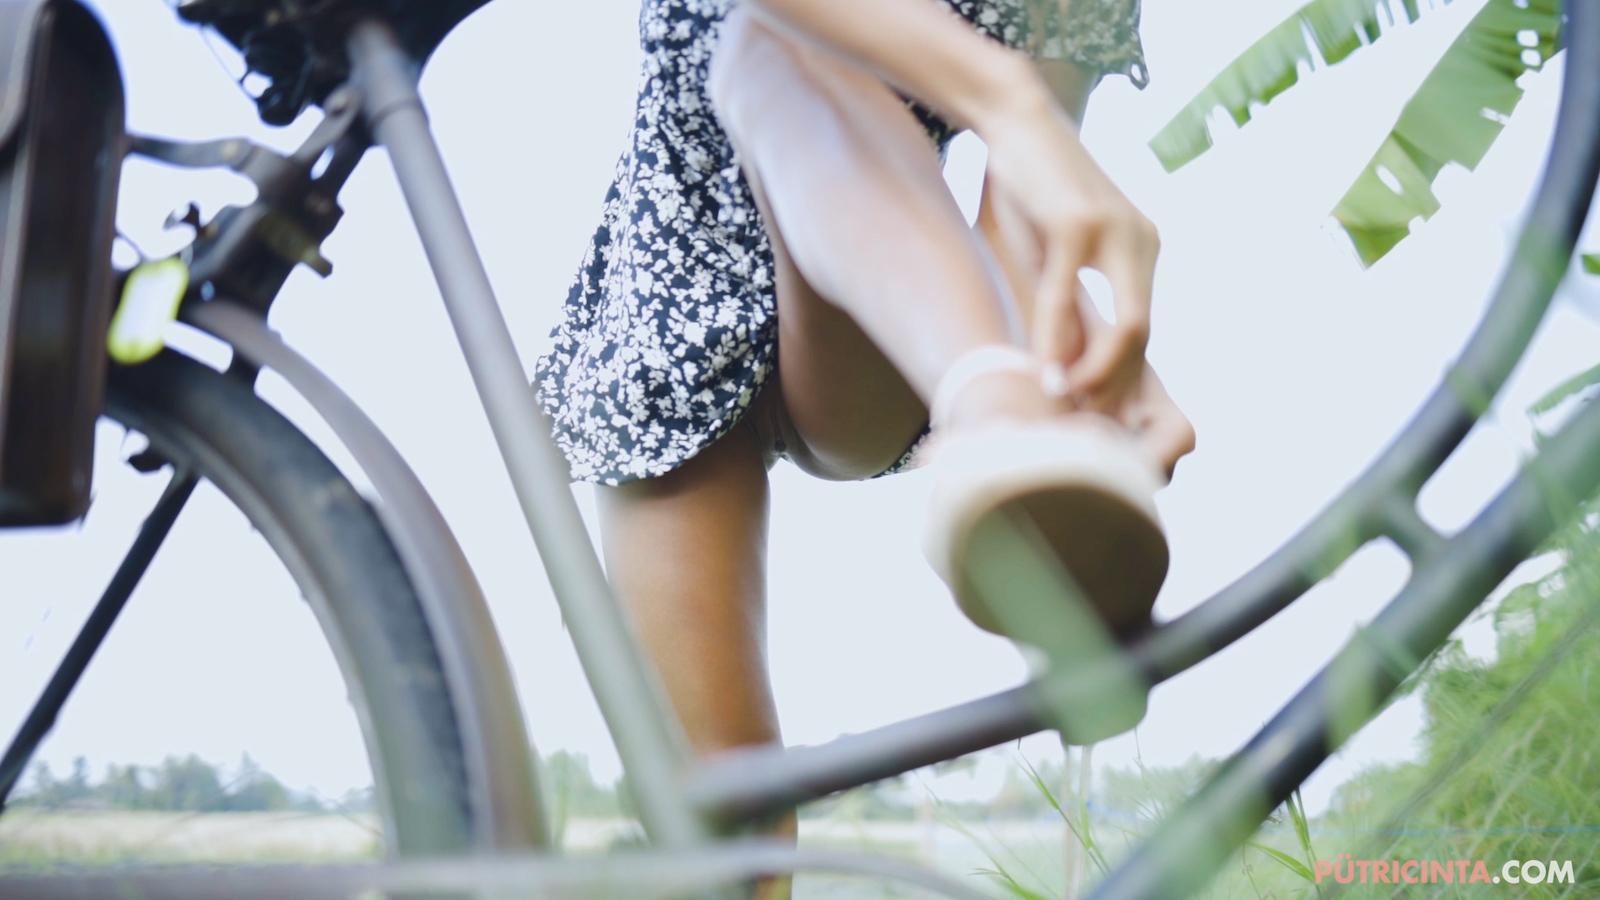 024-cyclingcommando-Putri-Cinta-Mainvid-stills-33.jpg